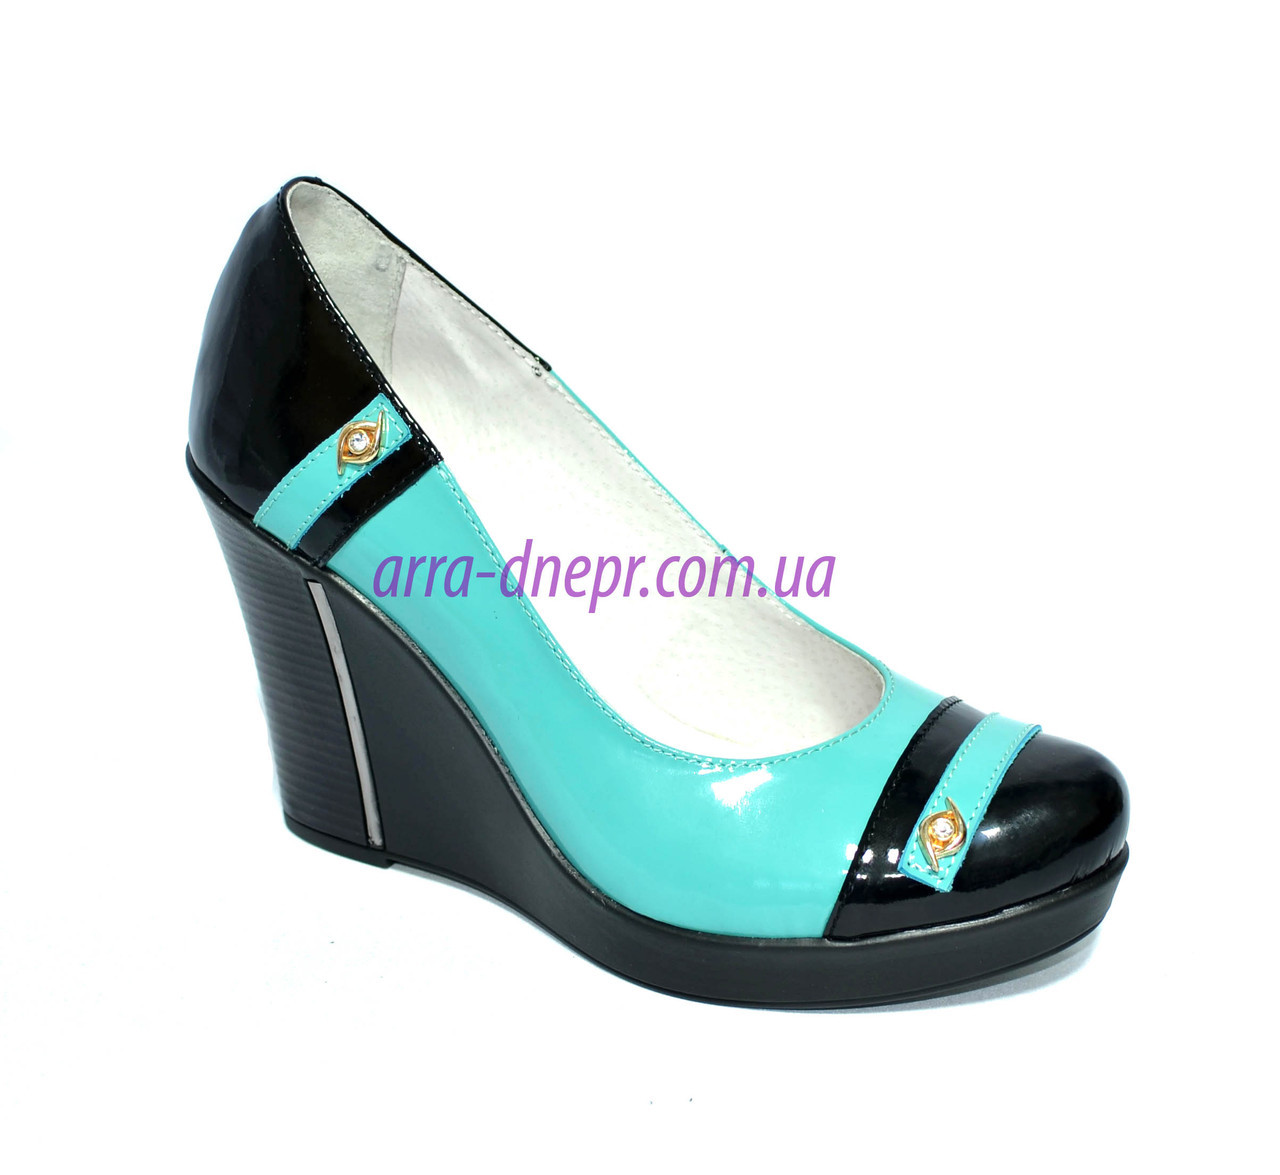 Женские туфли на платформе, натуральная лаковая кожа.